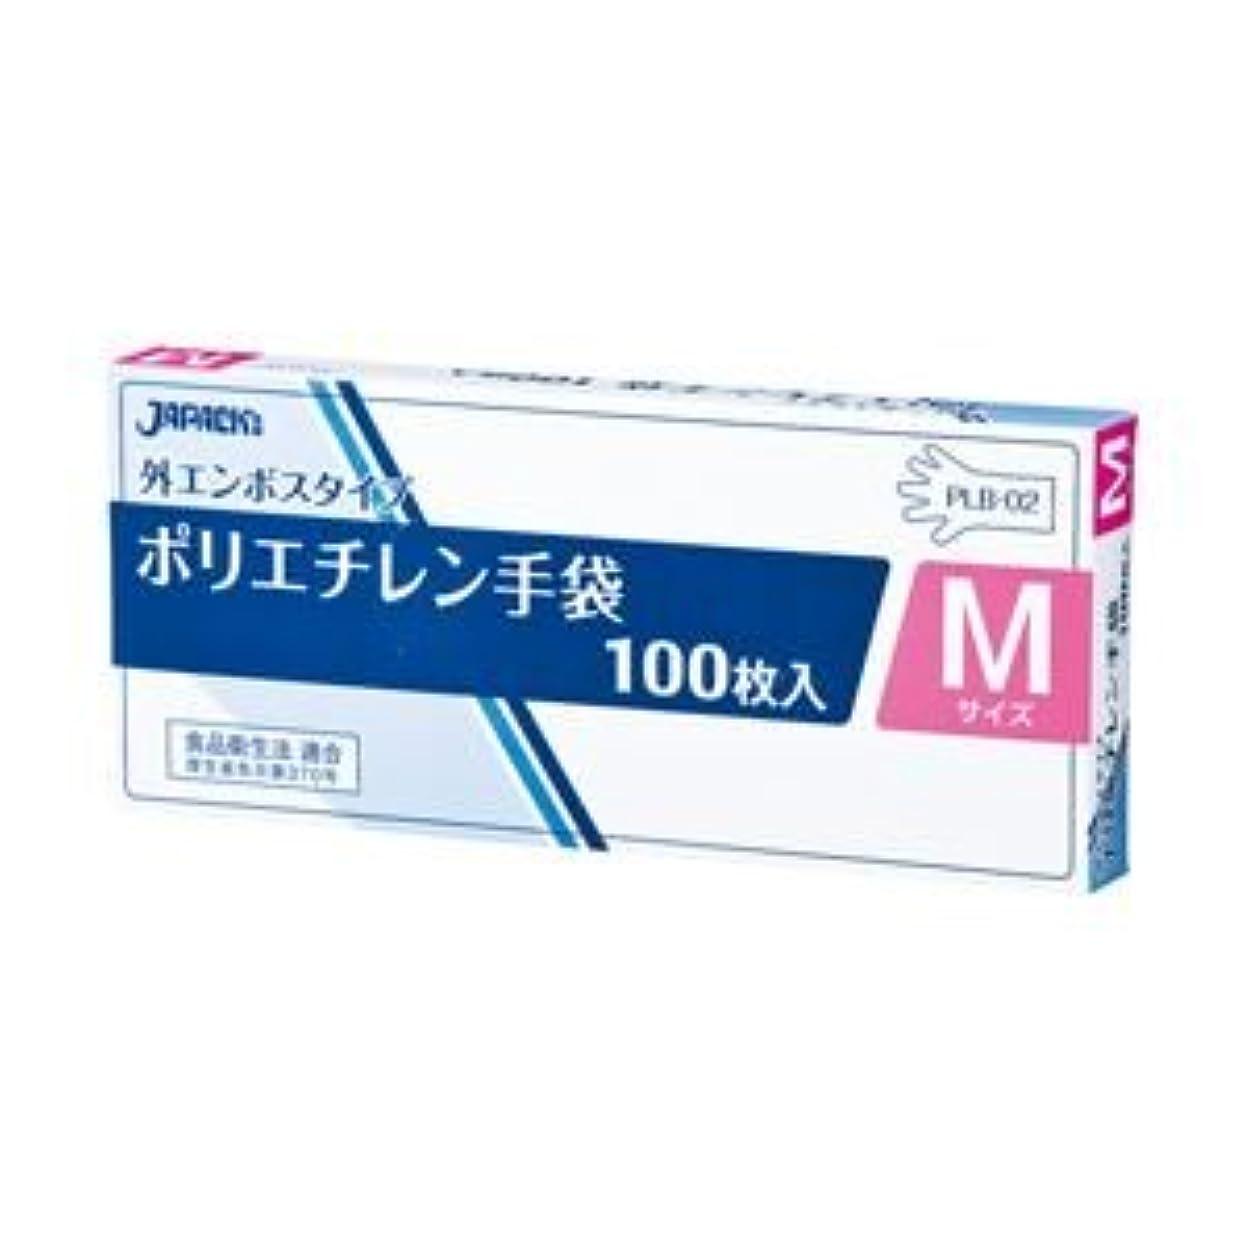 悪性腫瘍毎週建てる(業務用セット) ジャパックス LDポリエチレン手袋 M 1箱(100枚) 【×20セット】 dS-1638959